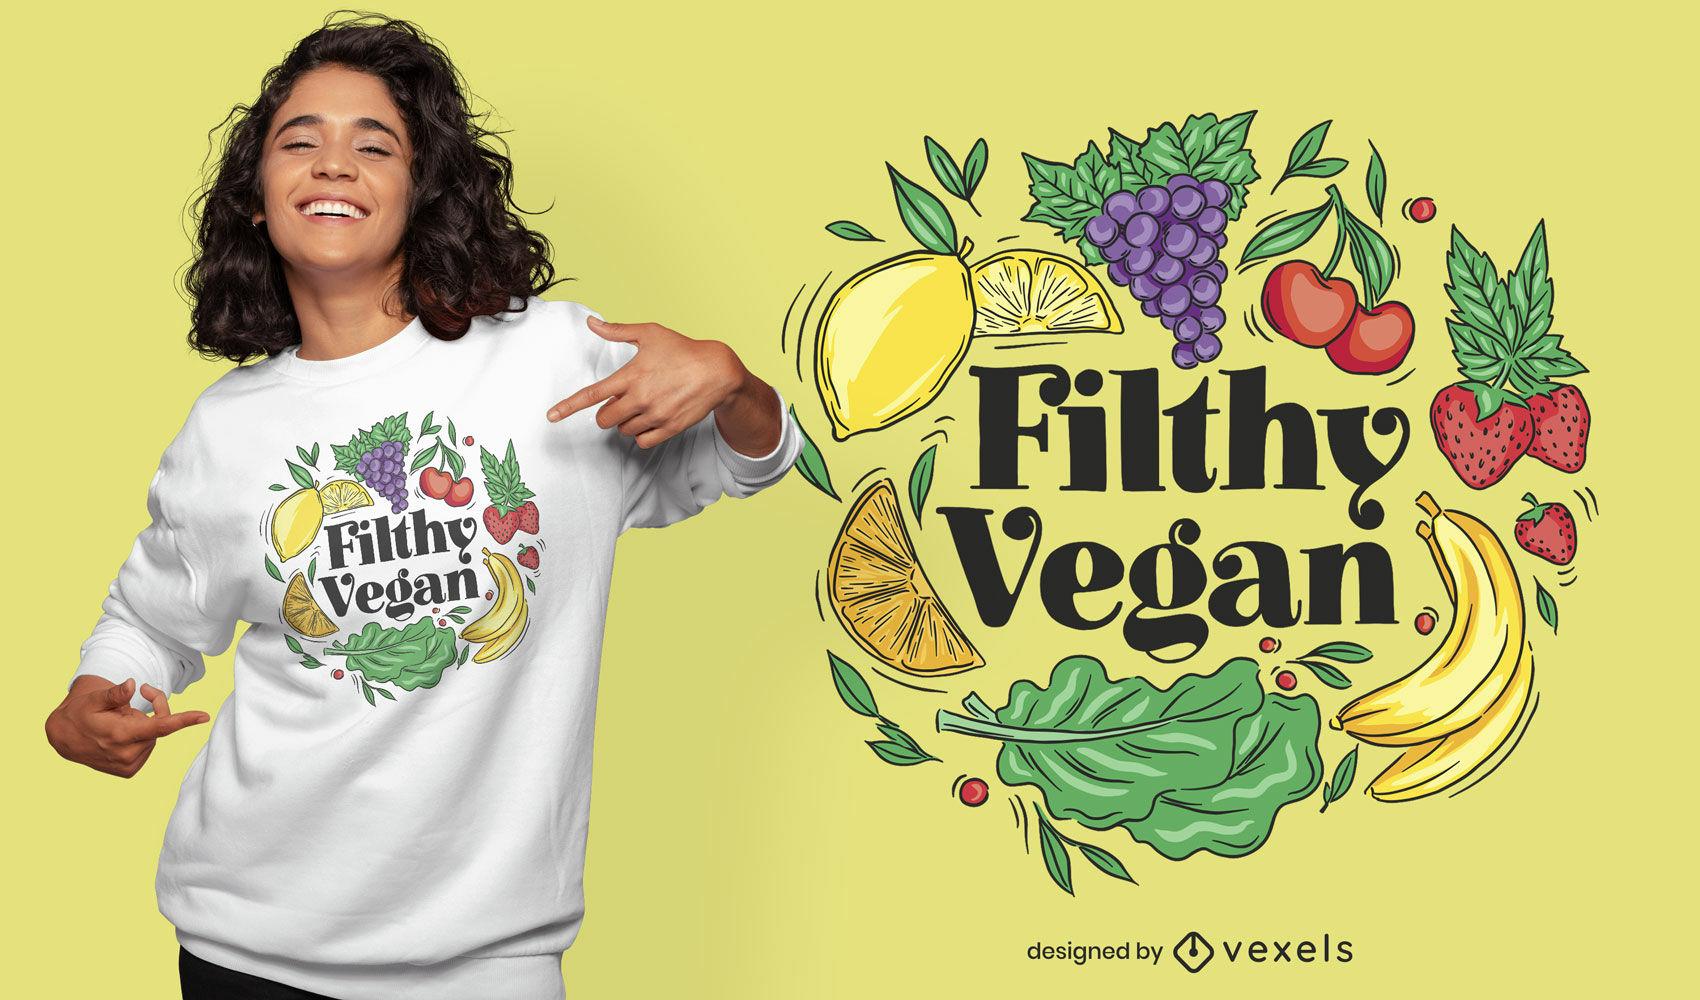 Divertido y sucio diseño de camiseta vegana.